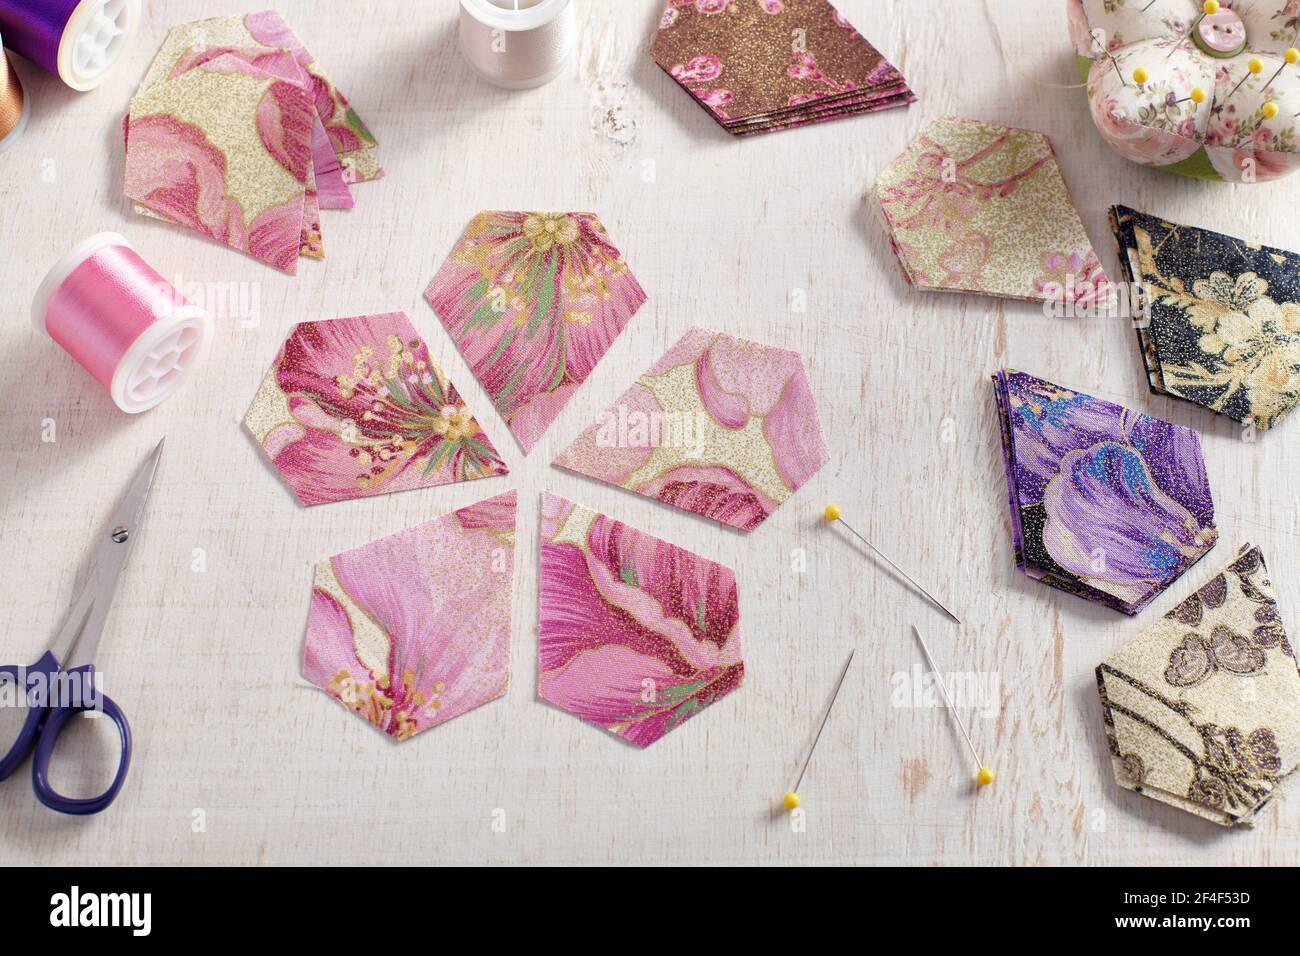 Fünfeckige Stoffstücke, die in Form einer Blume liegen, Stapel von mehrfarbigen Stoffstücken, Nähzubehör auf einer weißen Oberfläche Stockfoto